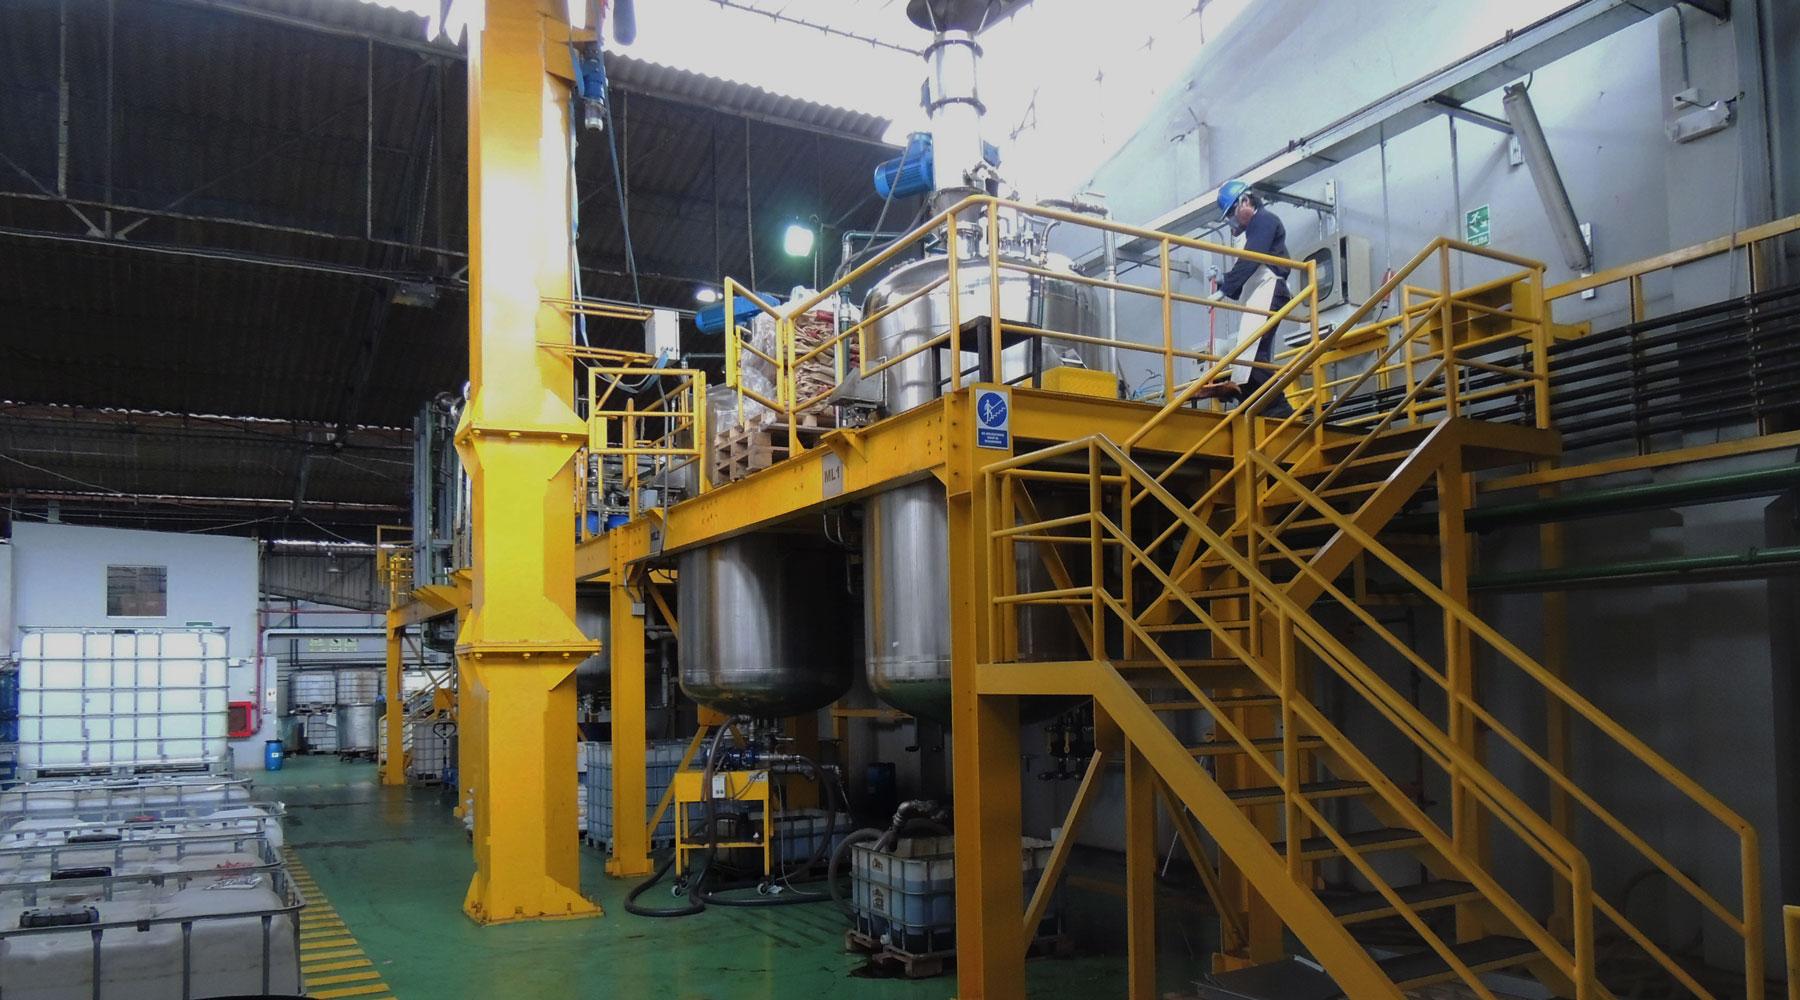 soluciones de ingenieria por manufacturas industriales